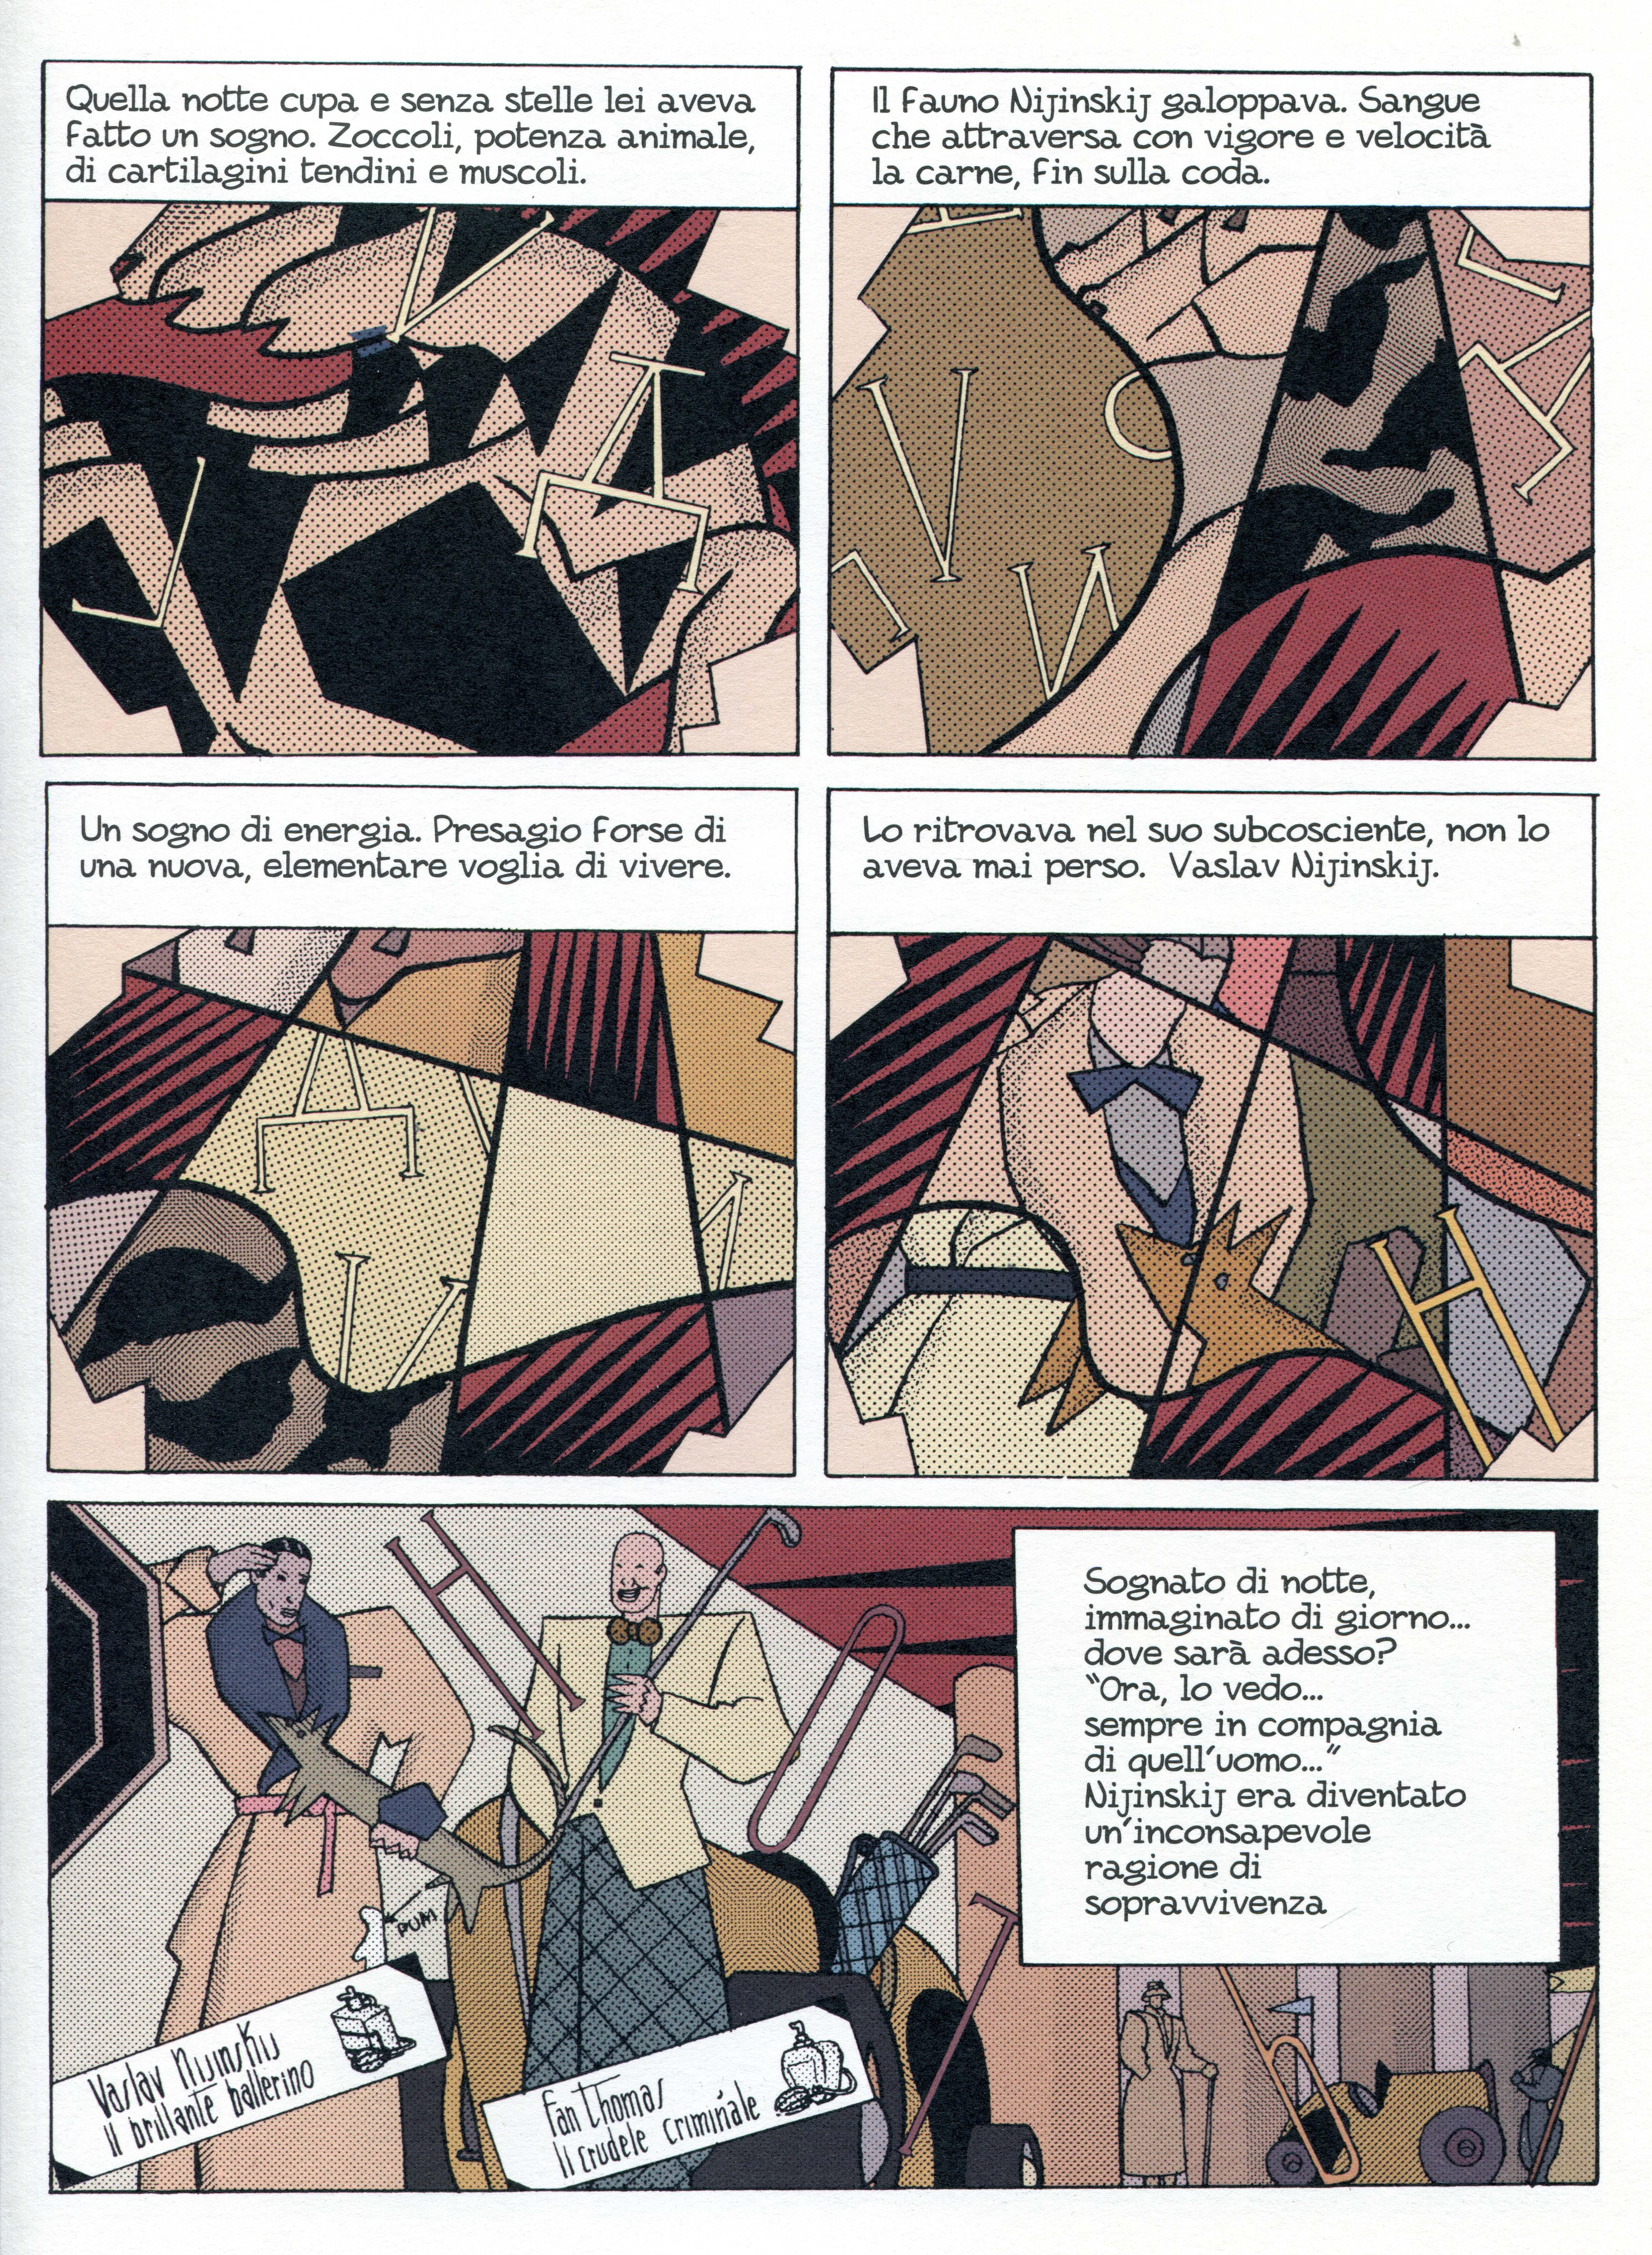 Igort - Sinfonia a Bombay - pagina 69